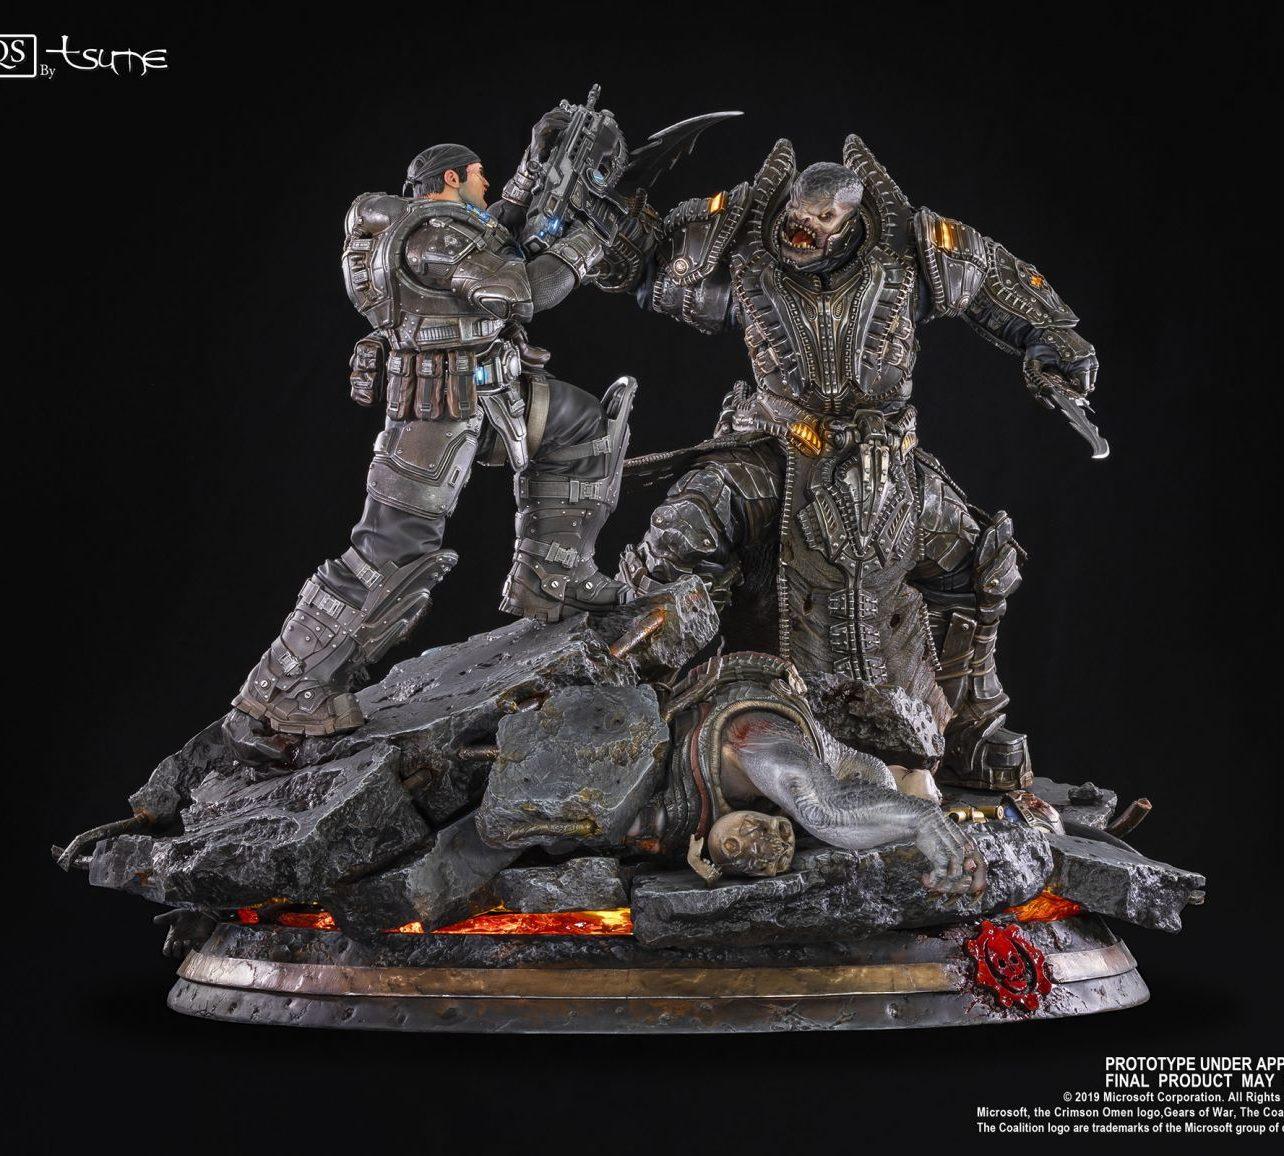 Gears of War Маркус против генерала RAAM общая 2